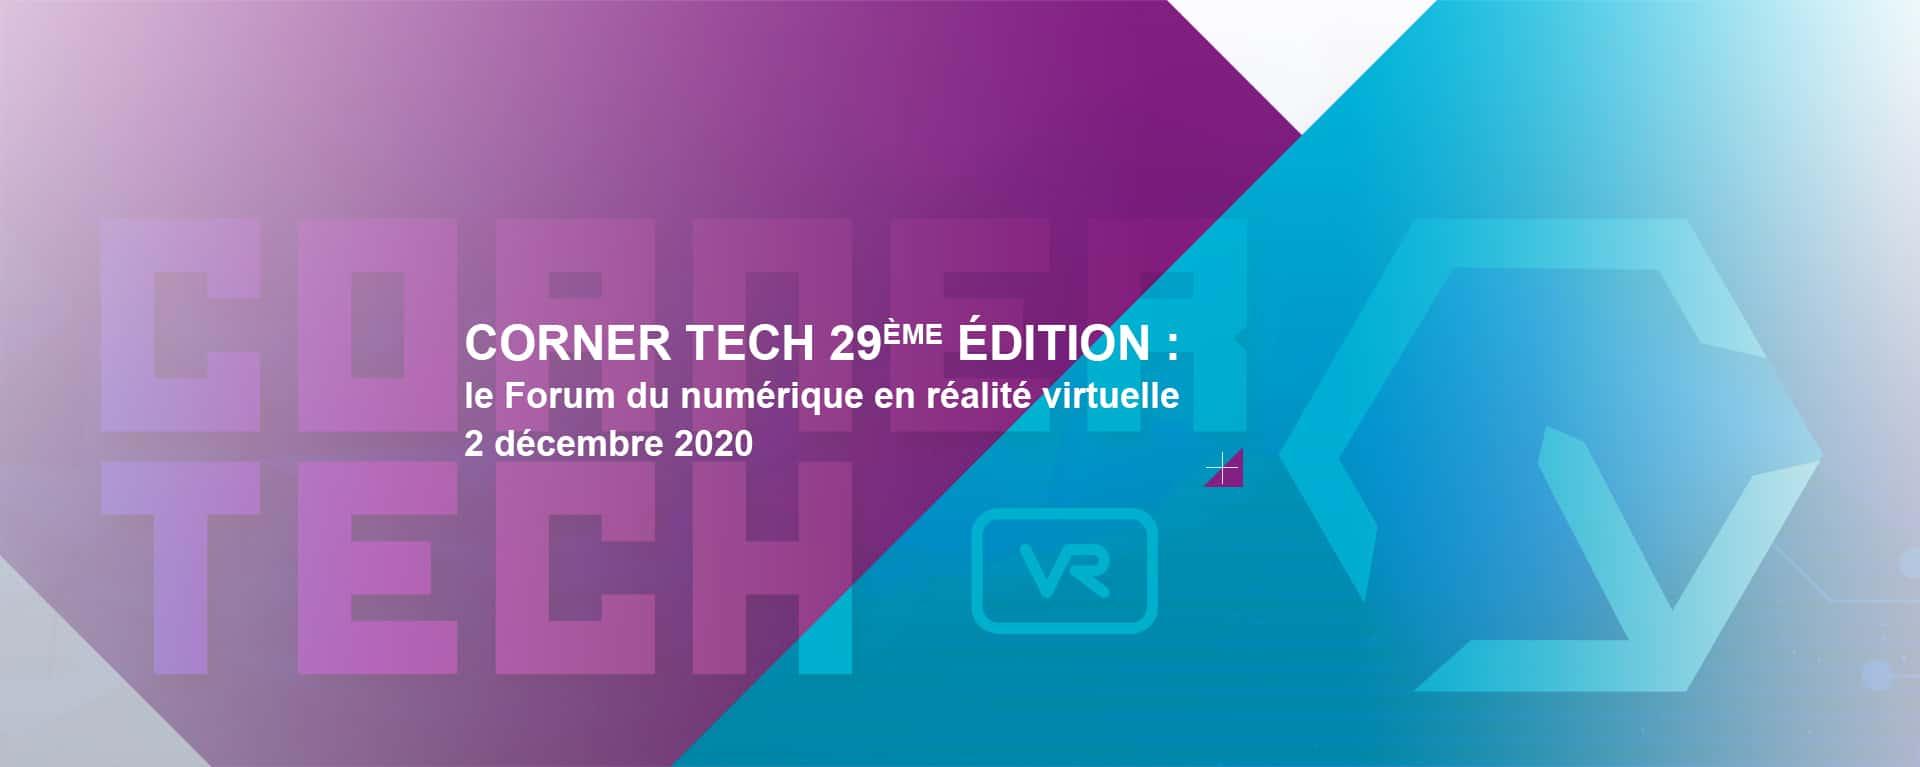 Corner Tech 2020 - Le Forum du numérique